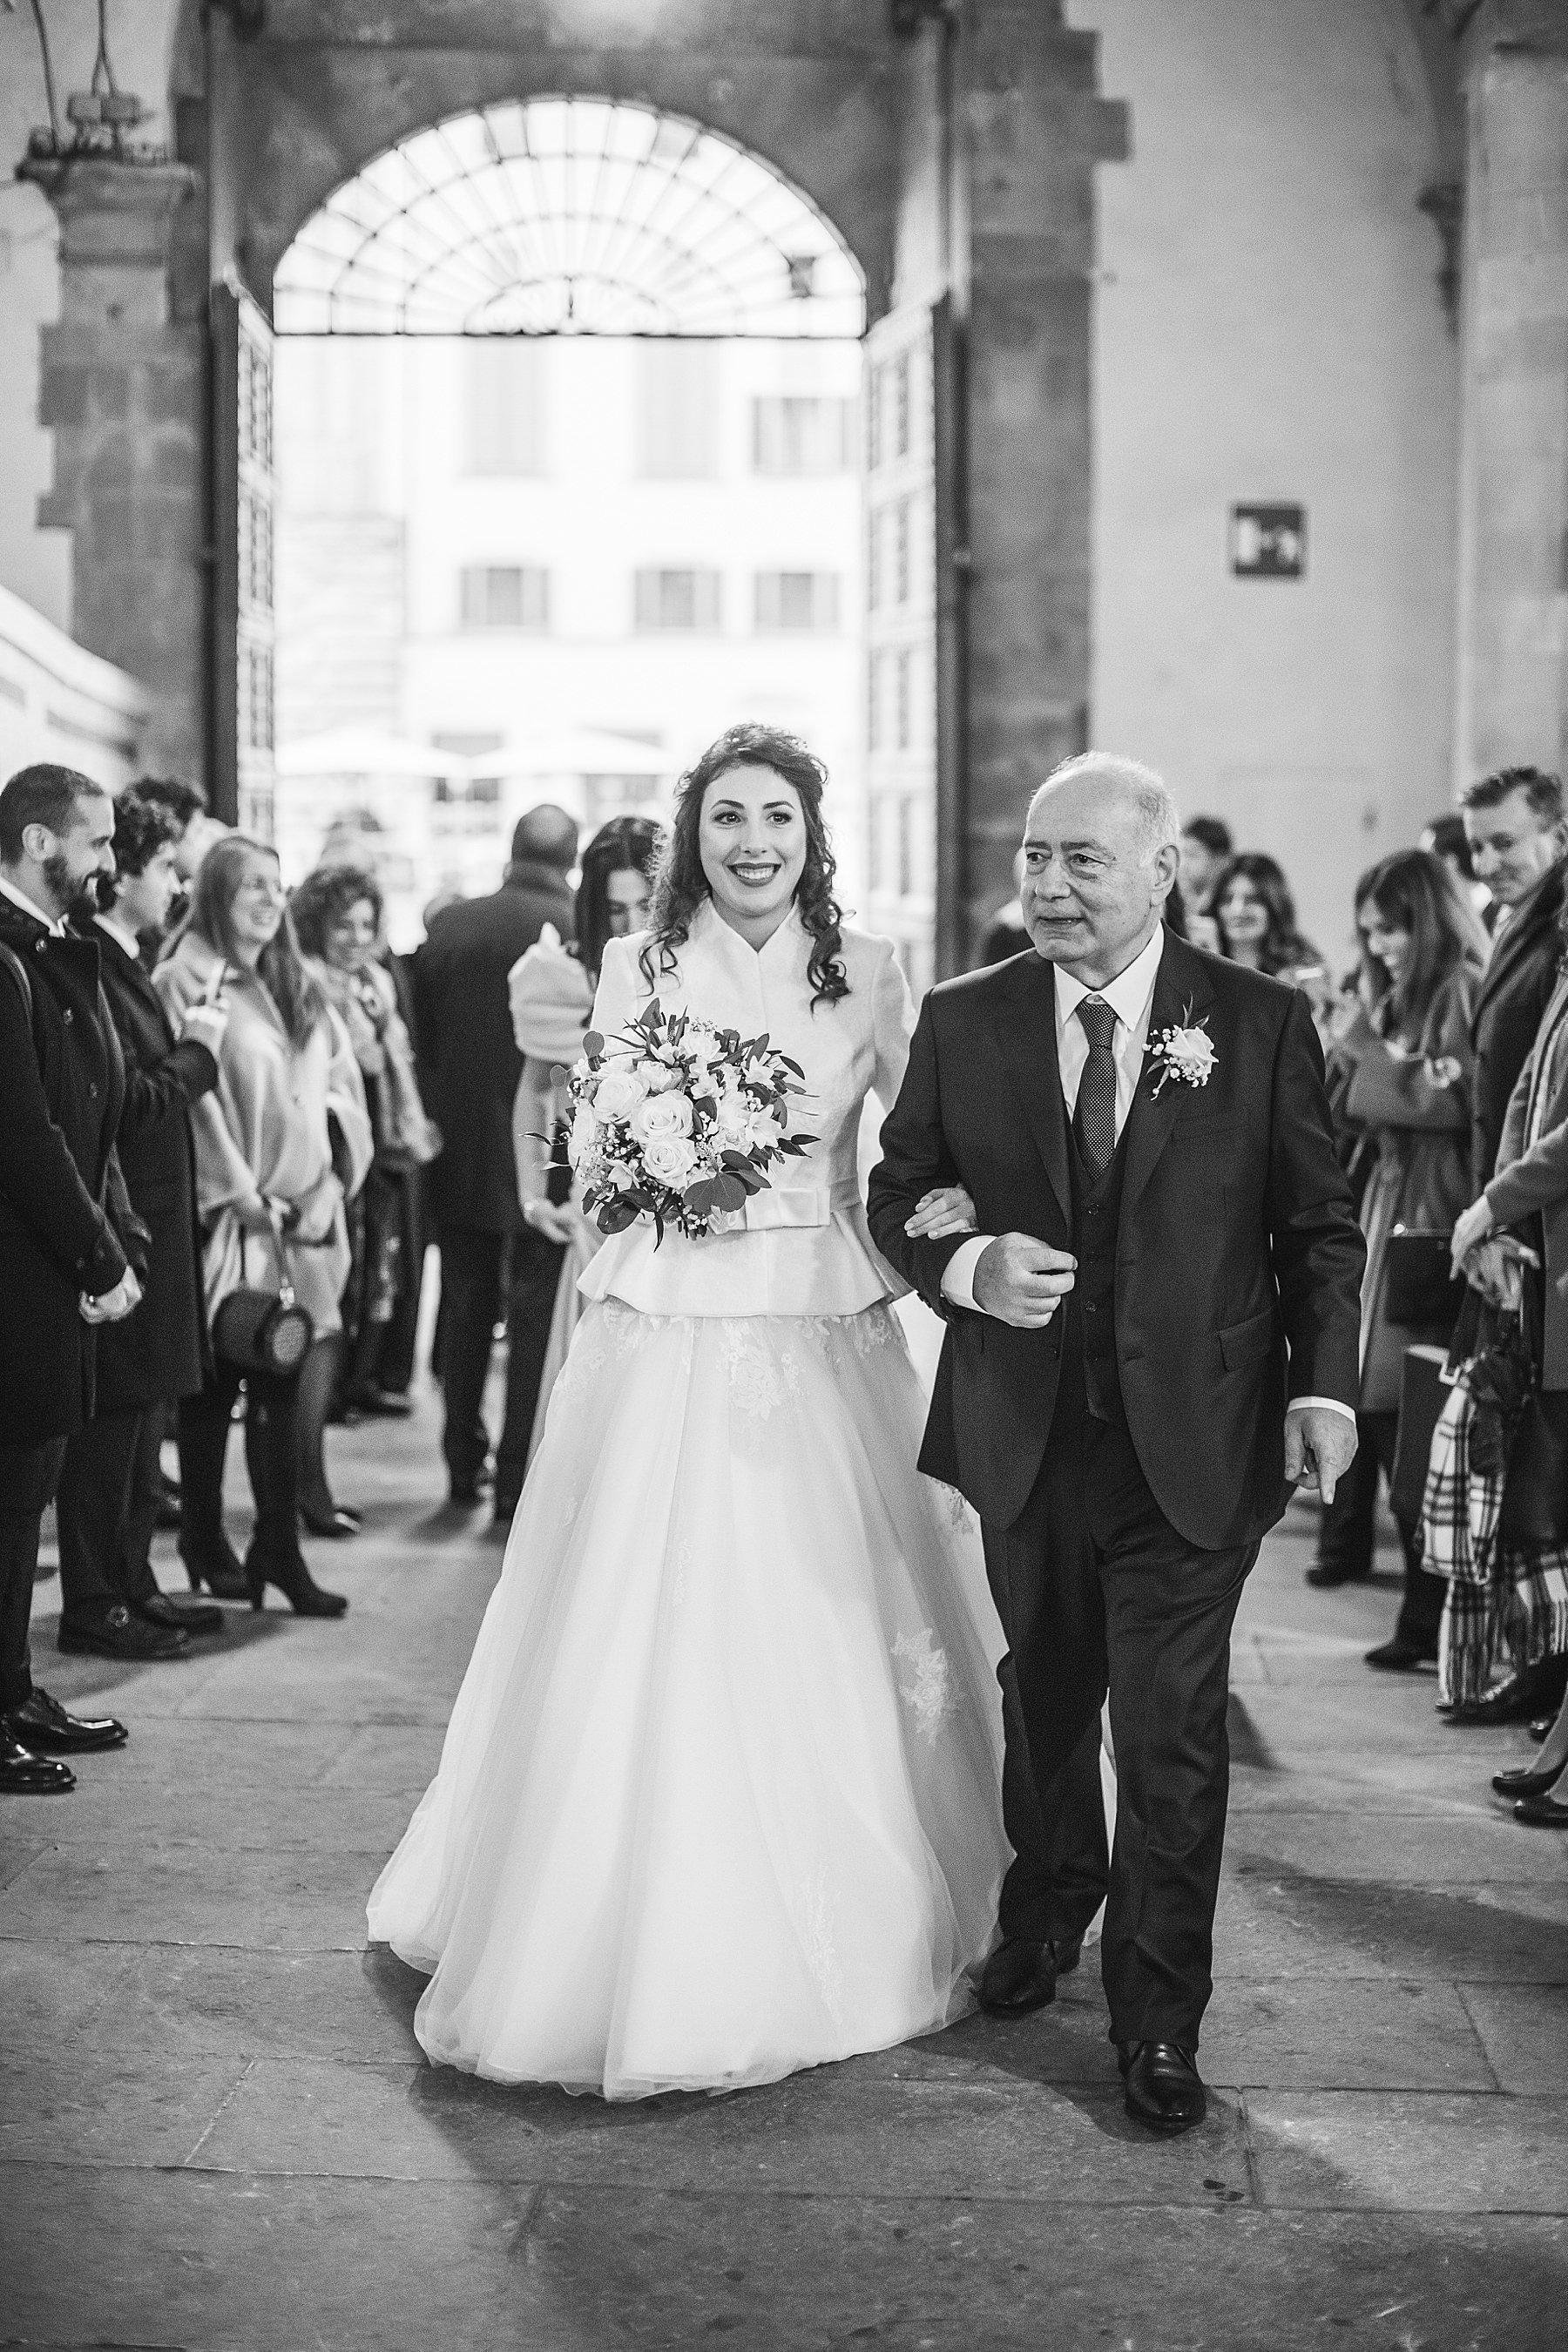 fotografia di matrimonio a firenze in inverno 748